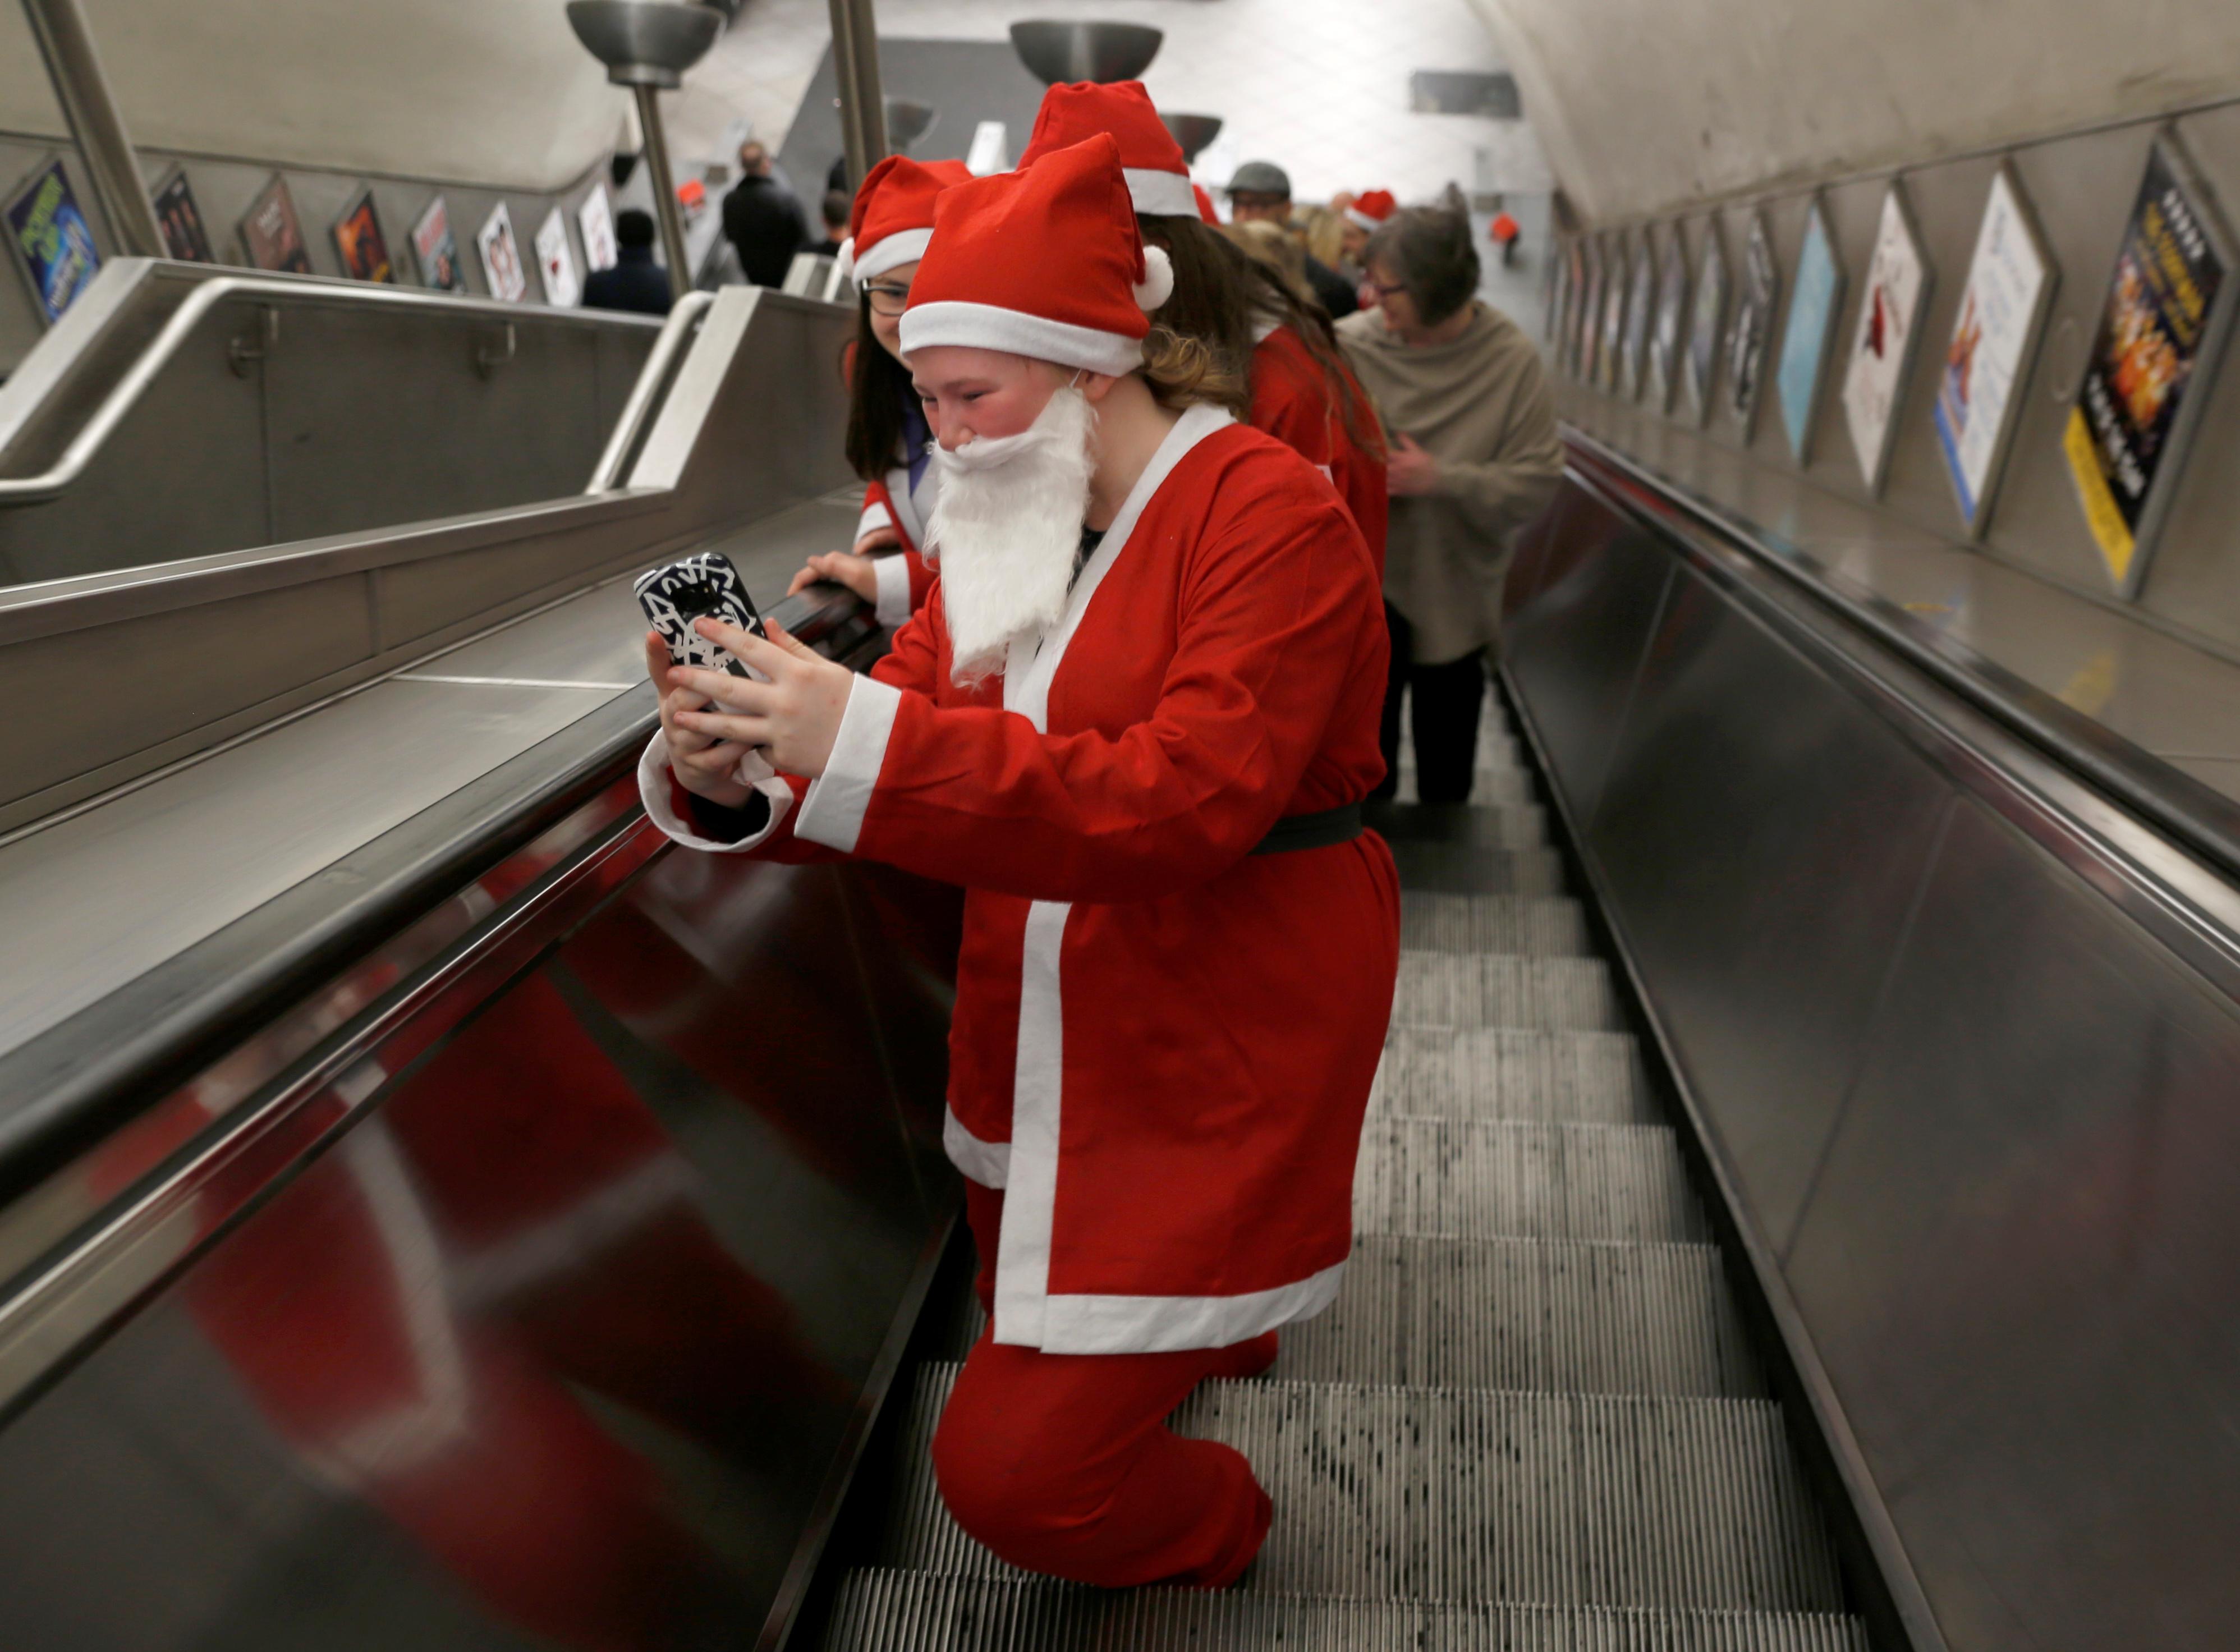 تجول المواطنين فى محطات القطارات ترويجا للحملة الخيرية